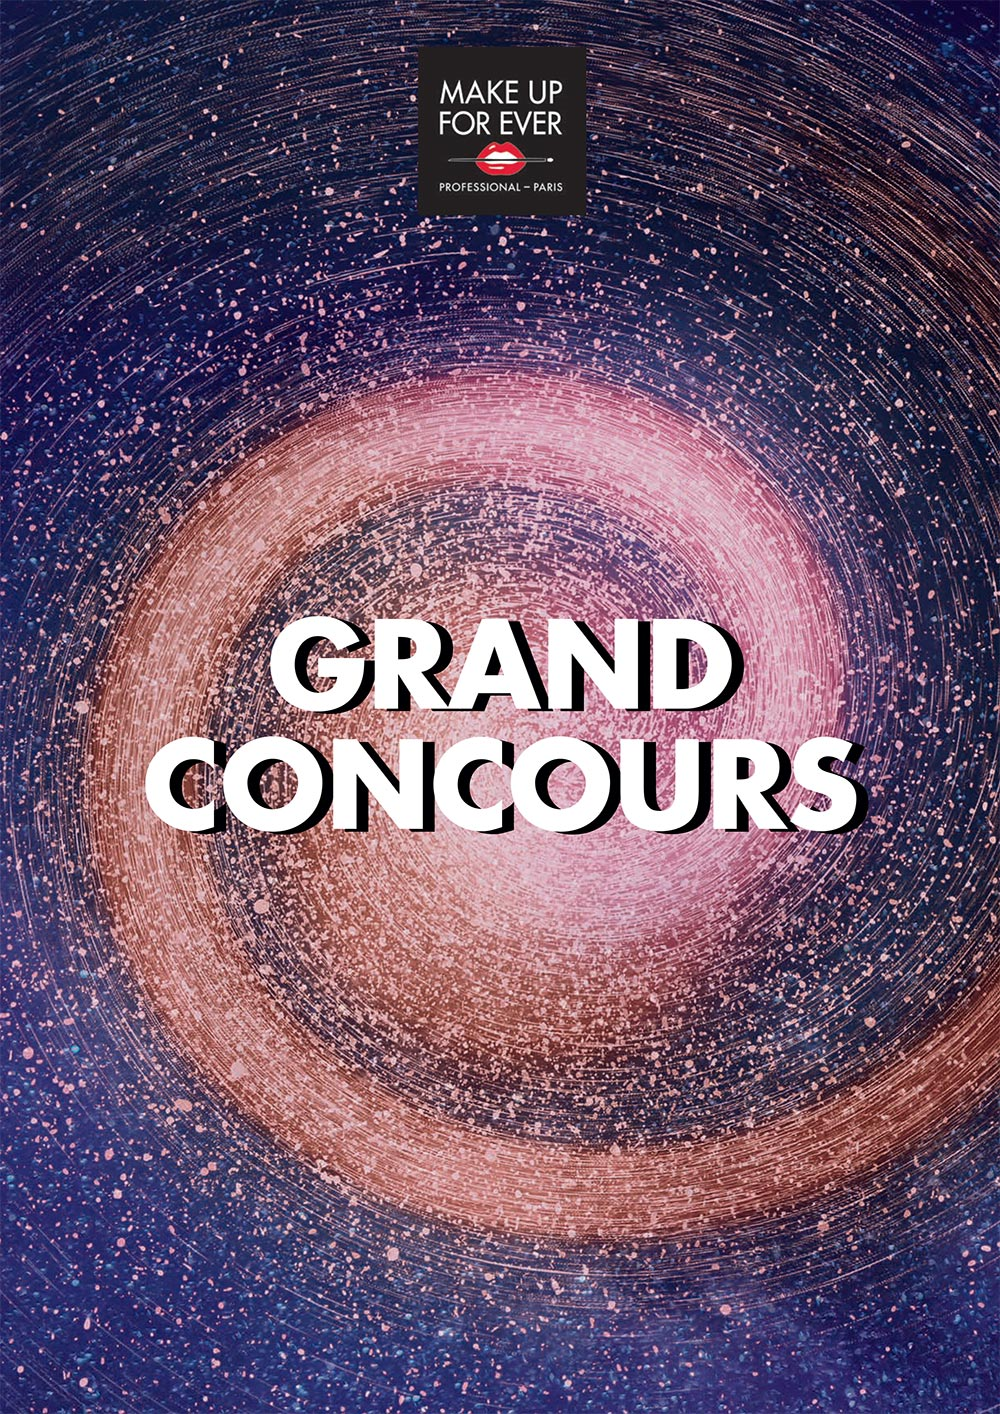 Concours-Maquillage-2018-Paris-Teaser